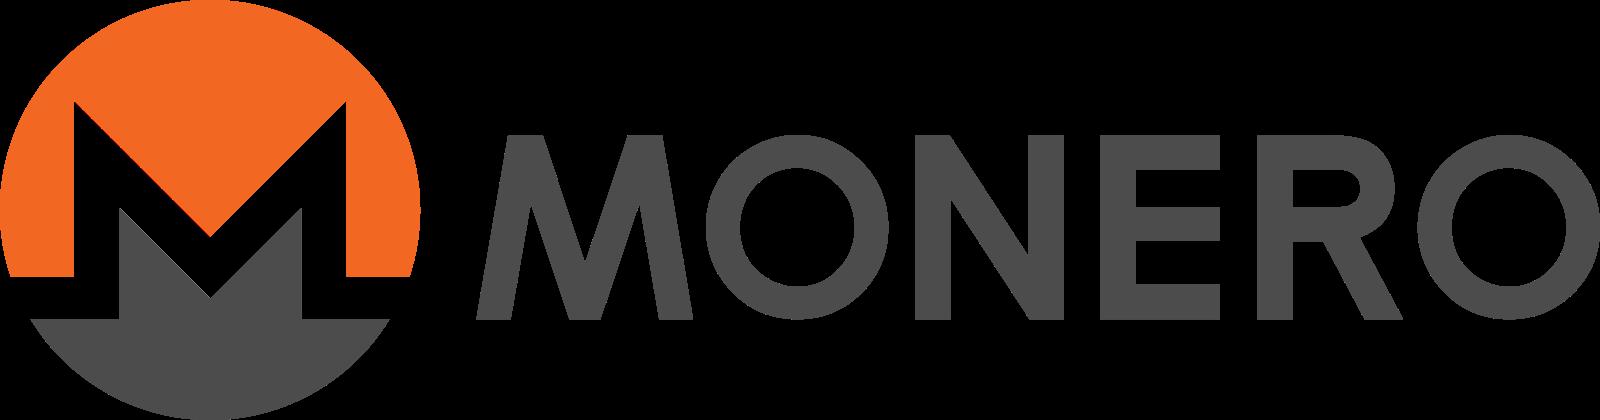 monero logo 4 - Monero Logo